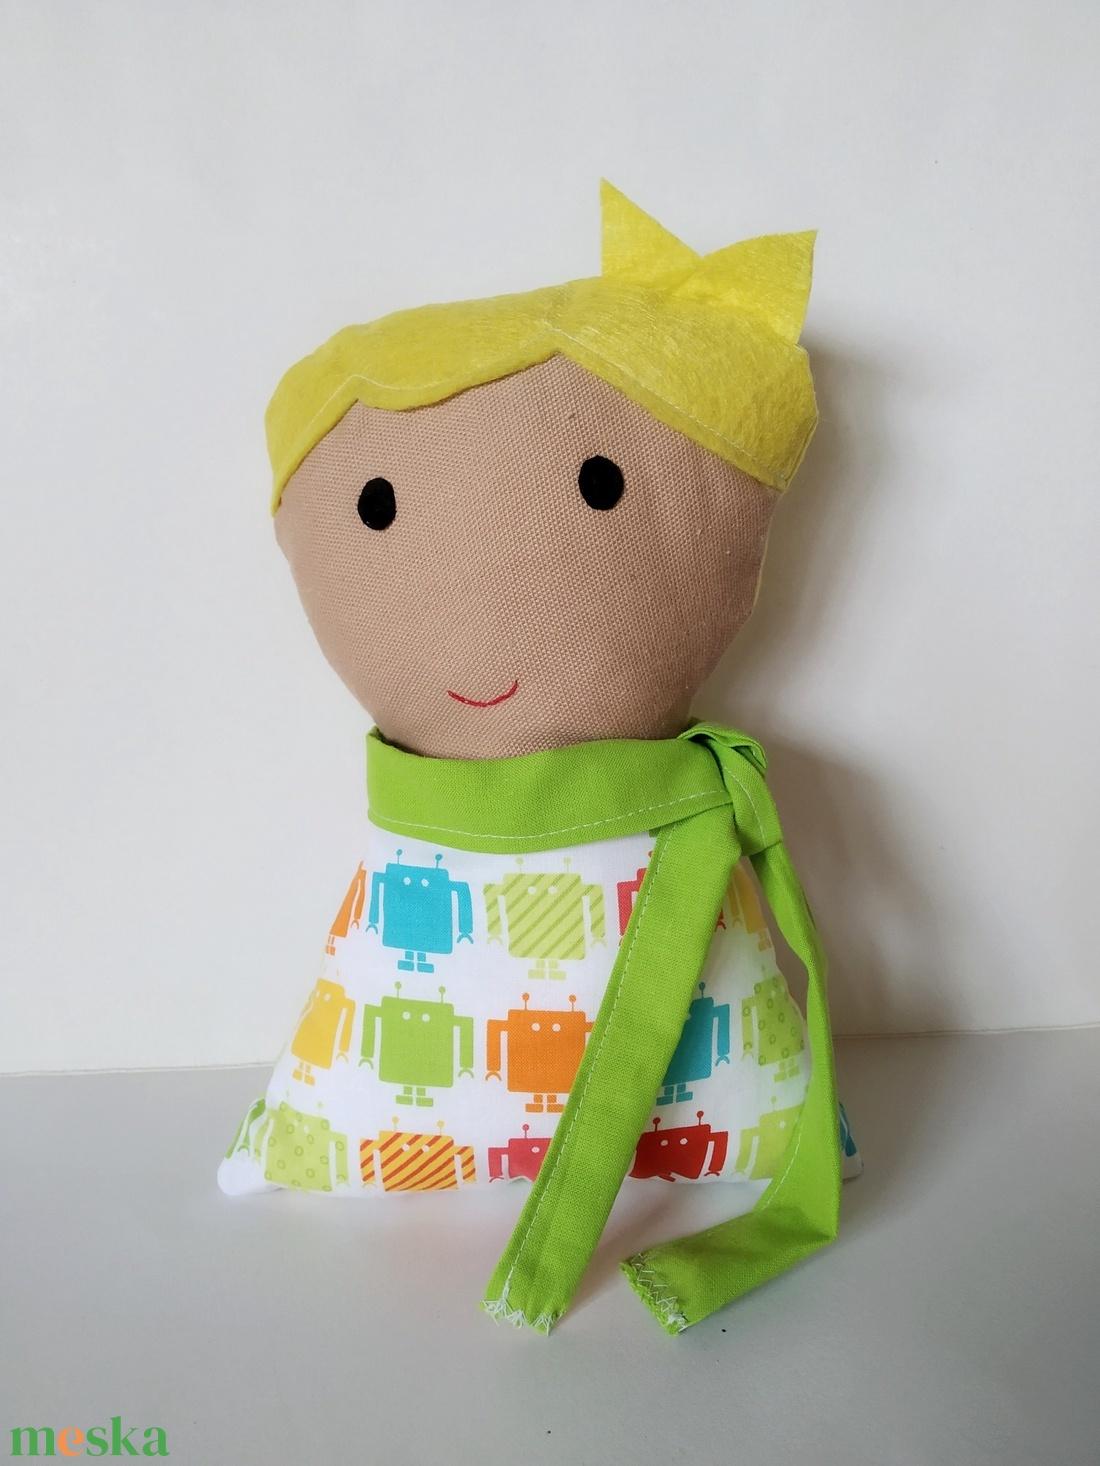 Fiú baba levehető sállal - rongybaba - Szőke hajú textil baba - puha kézműves baba - kisfiú párnababa - játékbaba  - játék & gyerek - baba & babaház - öltöztethető baba - Meska.hu